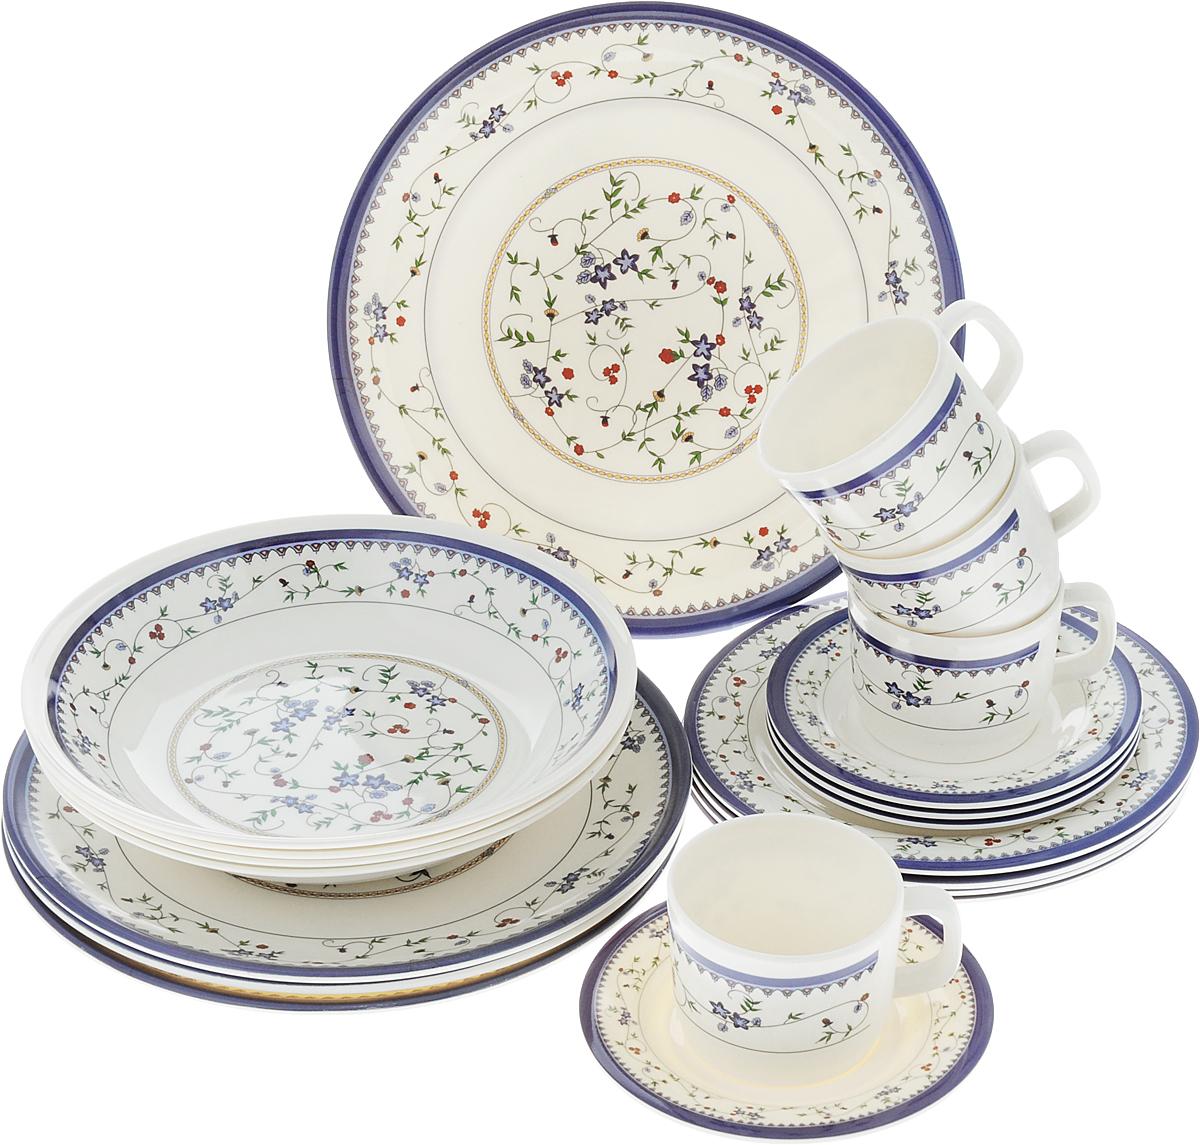 Набор столовой посуды Calve, 20 предметов. CL-2514CL-2514Набор Calve состоит из 4 суповых тарелок, 4 обеденных тарелок, 4 десертных тарелок, 4 блюдец и 4 чашек. Изделия выполнены из высококачественного пластика, имеют яркий дизайн с изящным орнаментом. Посуда отличается прочностью, гигиеничностью и долгим сроком службы, она устойчива к появлению царапин. Такой набор прекрасно подойдет как для повседневного использования, так и для праздников или особенных случаев. Набор столовой посуды Calve - это не только яркий и полезный подарок для родных и близких, а также великолепное дизайнерское решение для вашей кухни или столовой. Диаметр суповой тарелки (по верхнему краю): 23 см. Высота суповой тарелки: 4,5 см. Диаметр обеденной тарелки (по верхнему краю): 26,5 см. Высота обеденной тарелки: 1,7 см. Диаметр десертной тарелки (по верхнему краю): 20 см. Высота десертной тарелки: 1,2 см. Диаметр блюдца (по верхнему краю): 14,6 см. Высота блюдца: 1,5 см....